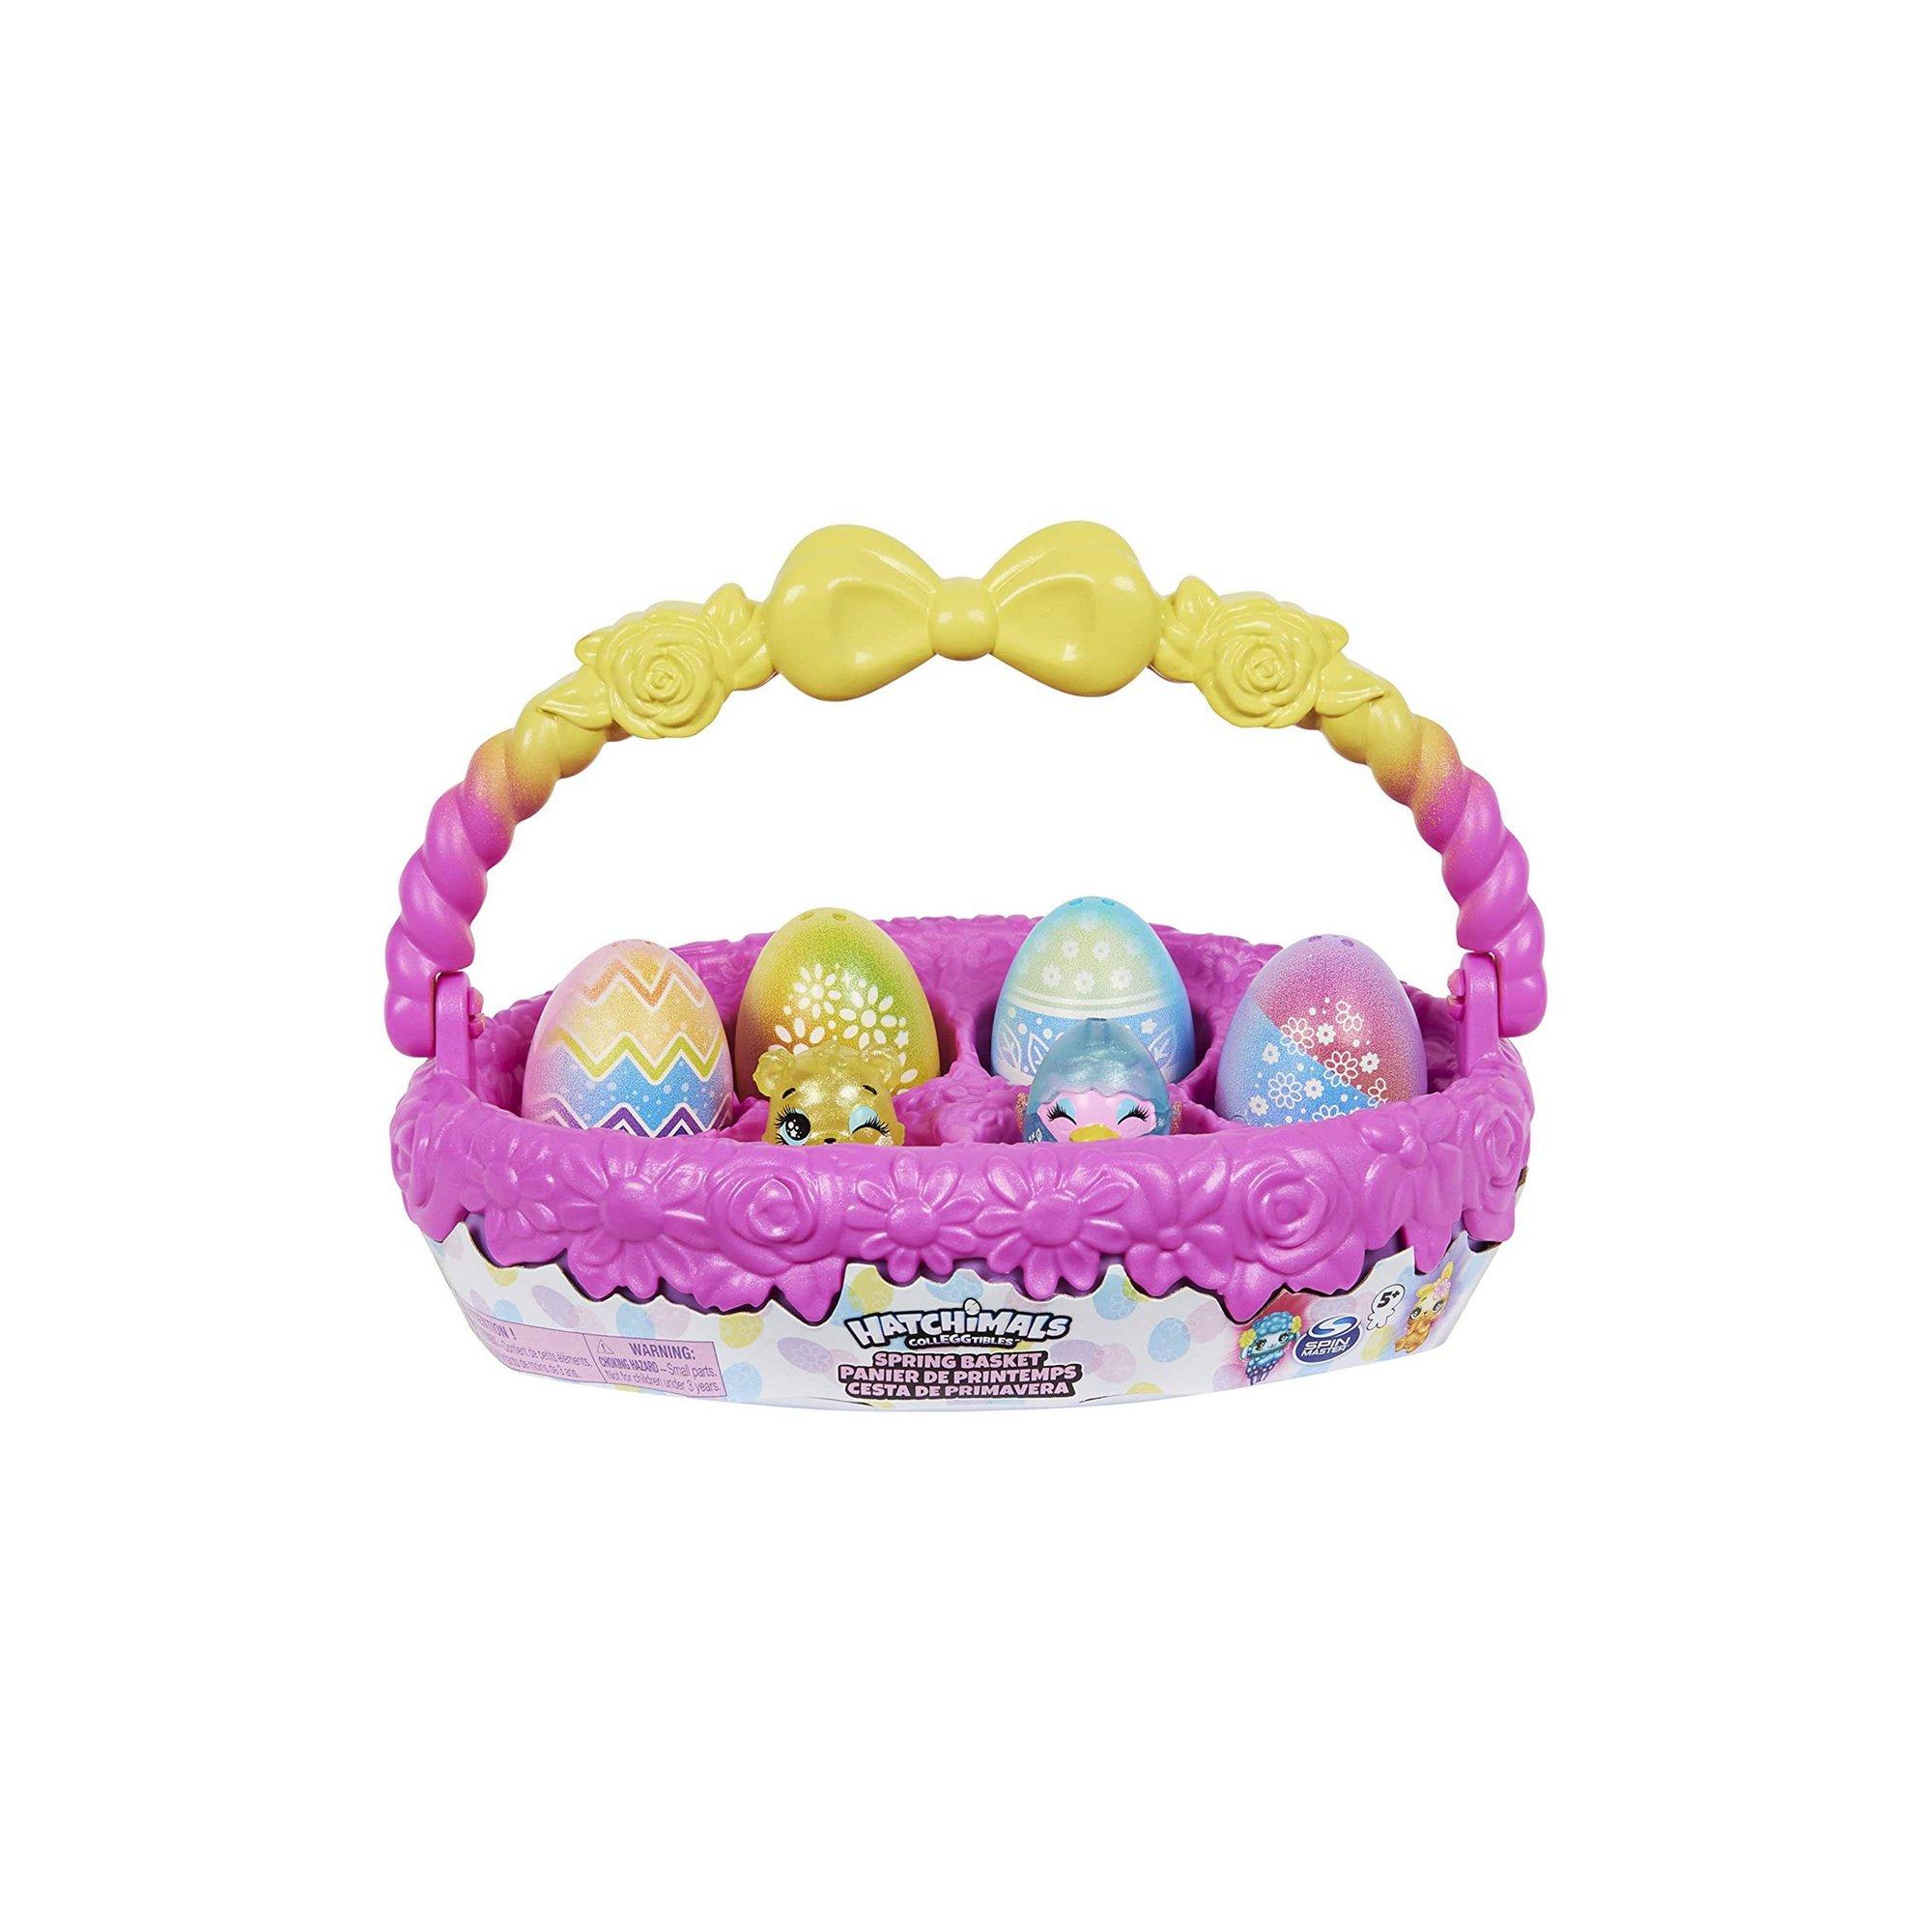 Image of Hatchimals Colleggtibles Spring Basket